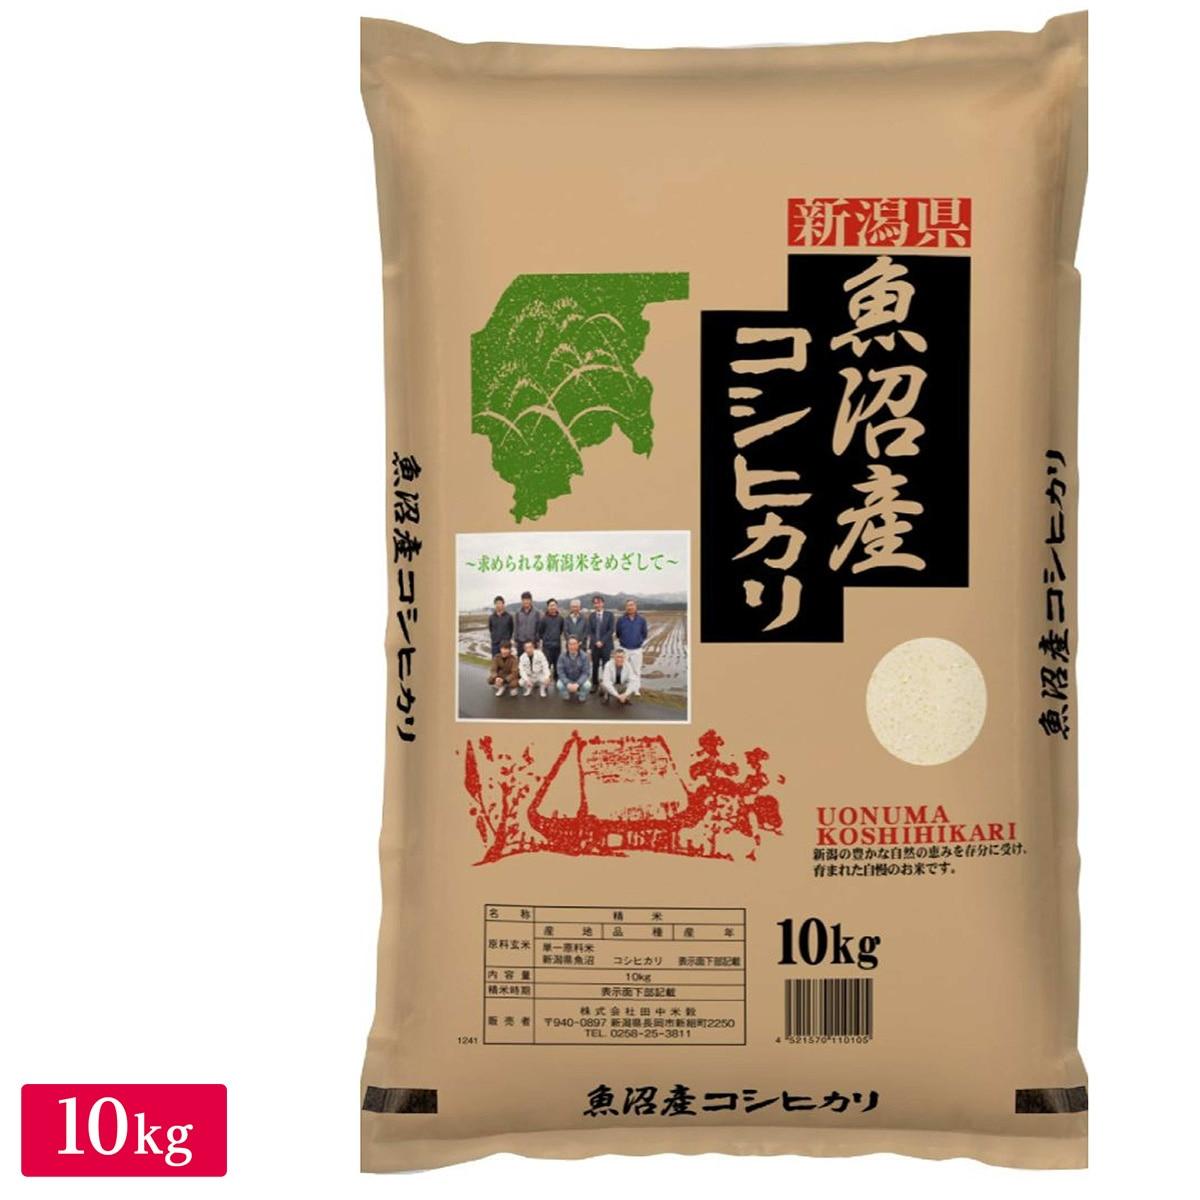 ■令和2年産 新潟県 魚沼産 特A コシヒカリ 10kg(1袋)